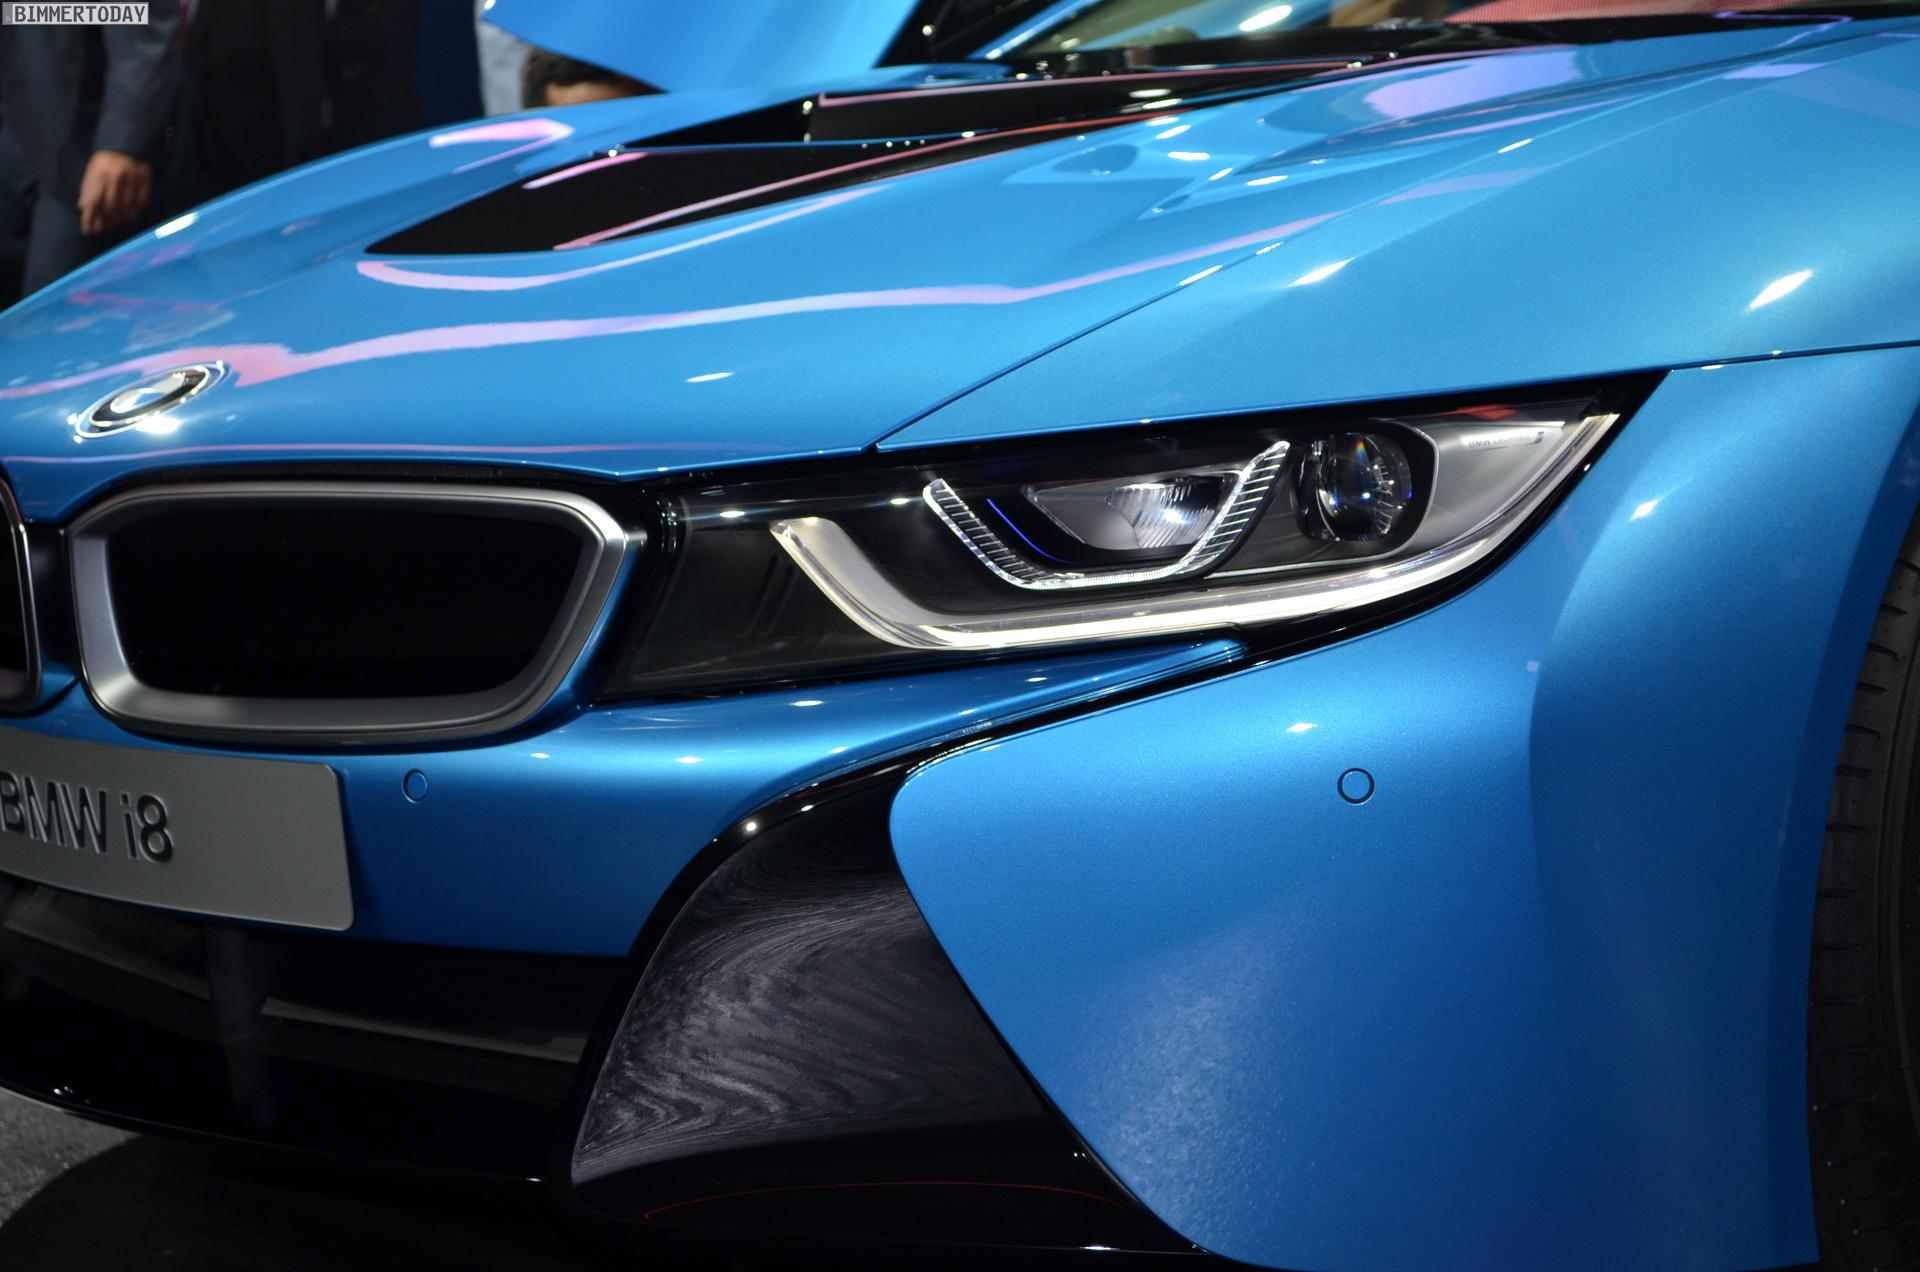 2013 - [BMW] i8 [i12] - Page 13 BMW-i8-Hybrid-eDrive-Weltpremiere-Protonic-Blue-IAA-2013-LIVE-03